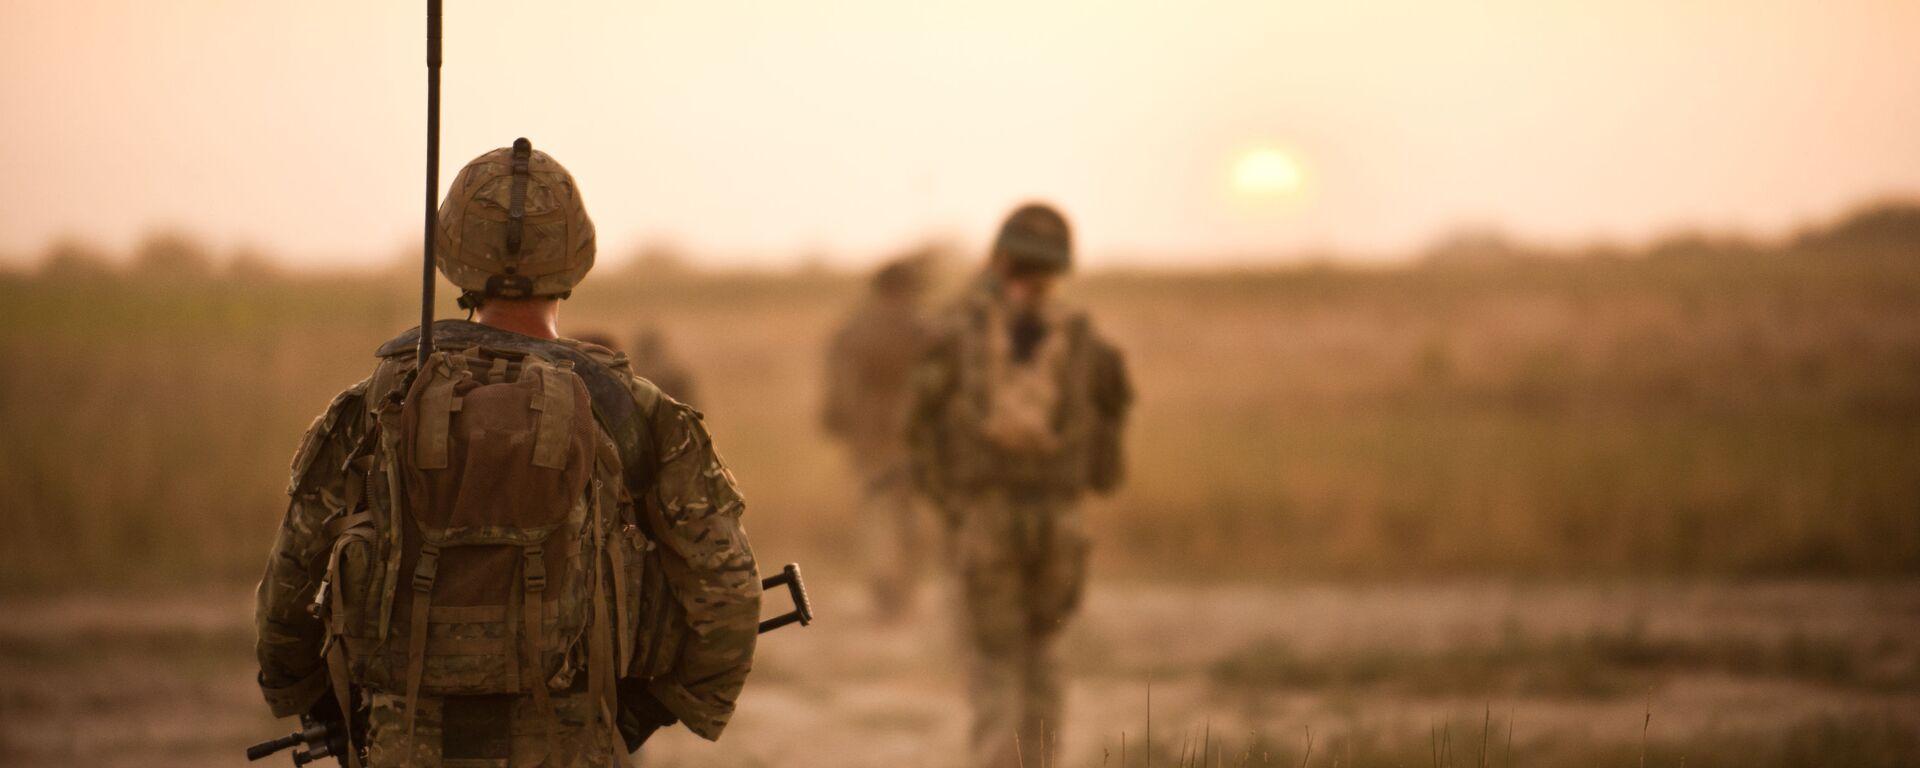 Brytyjscy żołnierze na patrolu w Afganistanie - Sputnik Polska, 1920, 02.07.2021